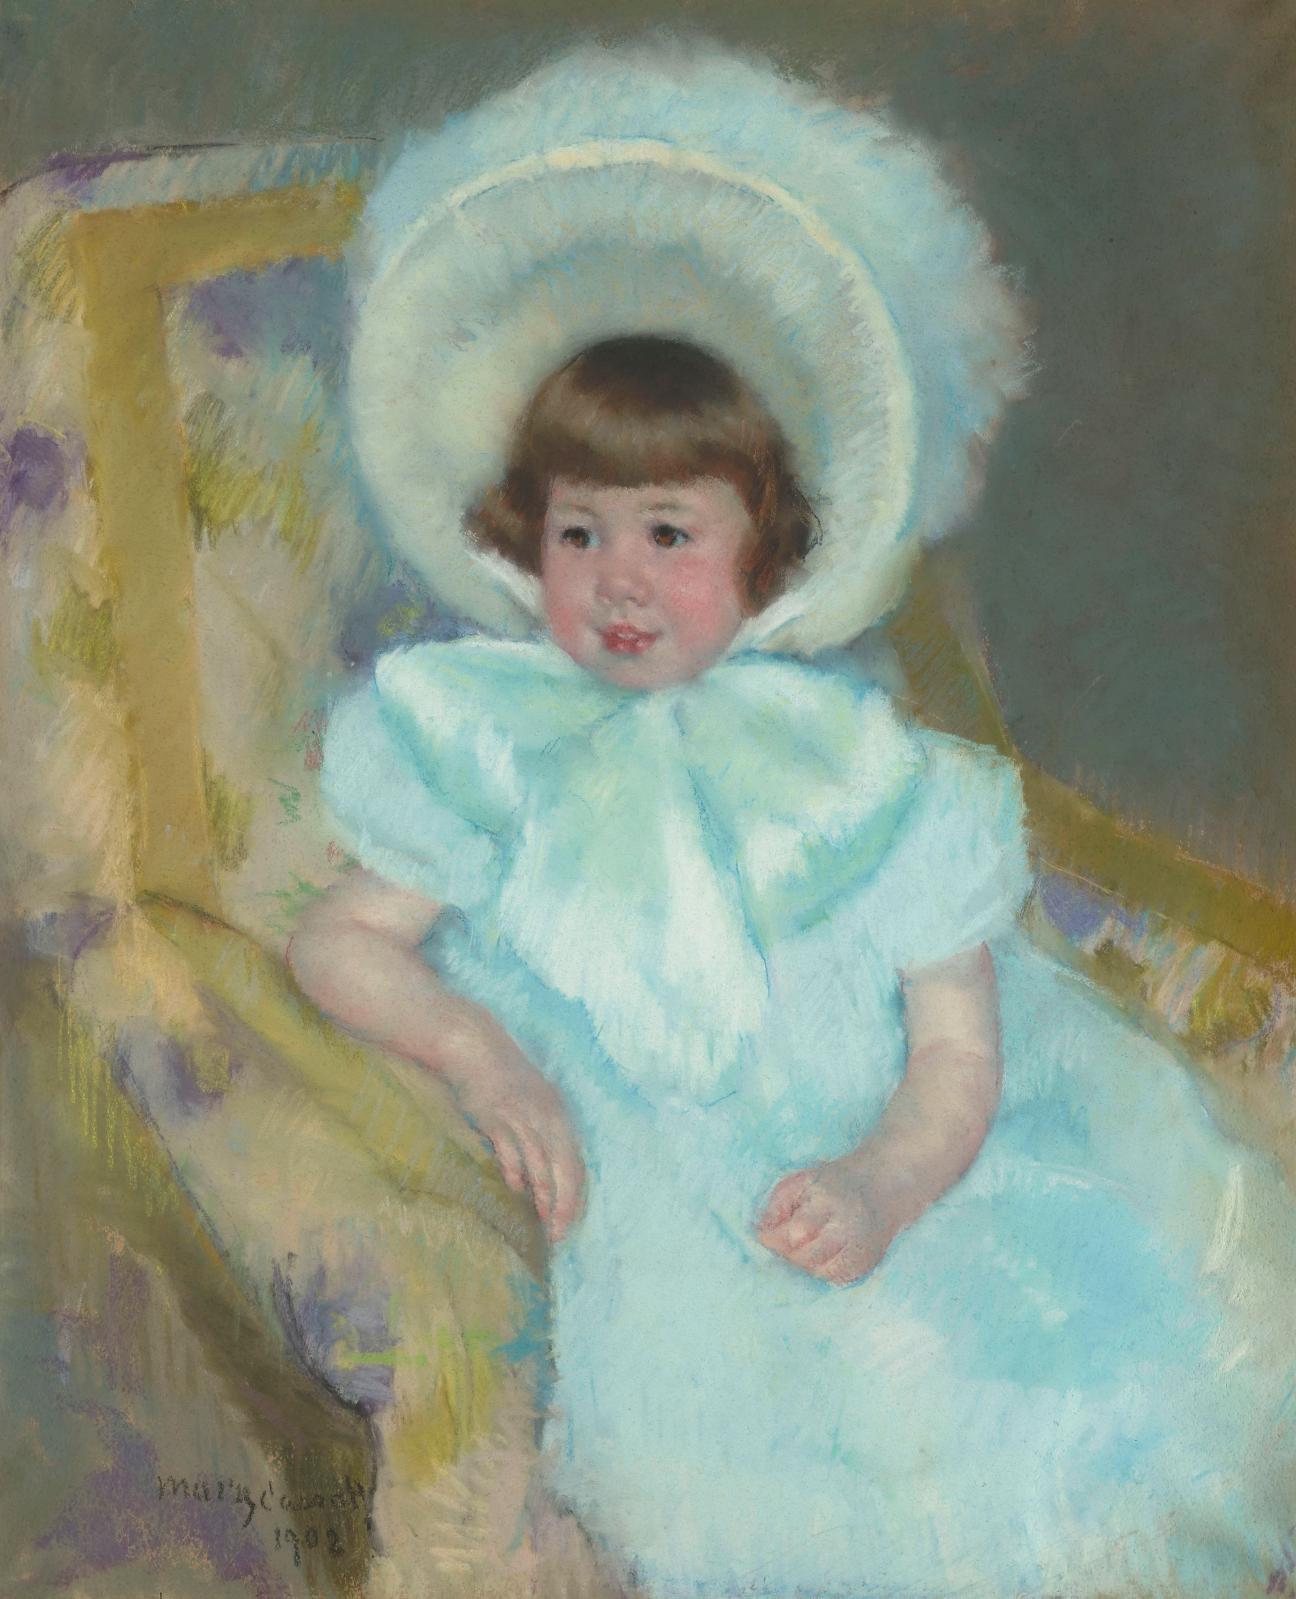 Portrait de Mademoiselle Louise-Aurore Villeboeuf, 1901, pastel sur papier beige, 72,7x60cm (détail), musée d'Orsay, Paris, don de MlleLouise-Auro